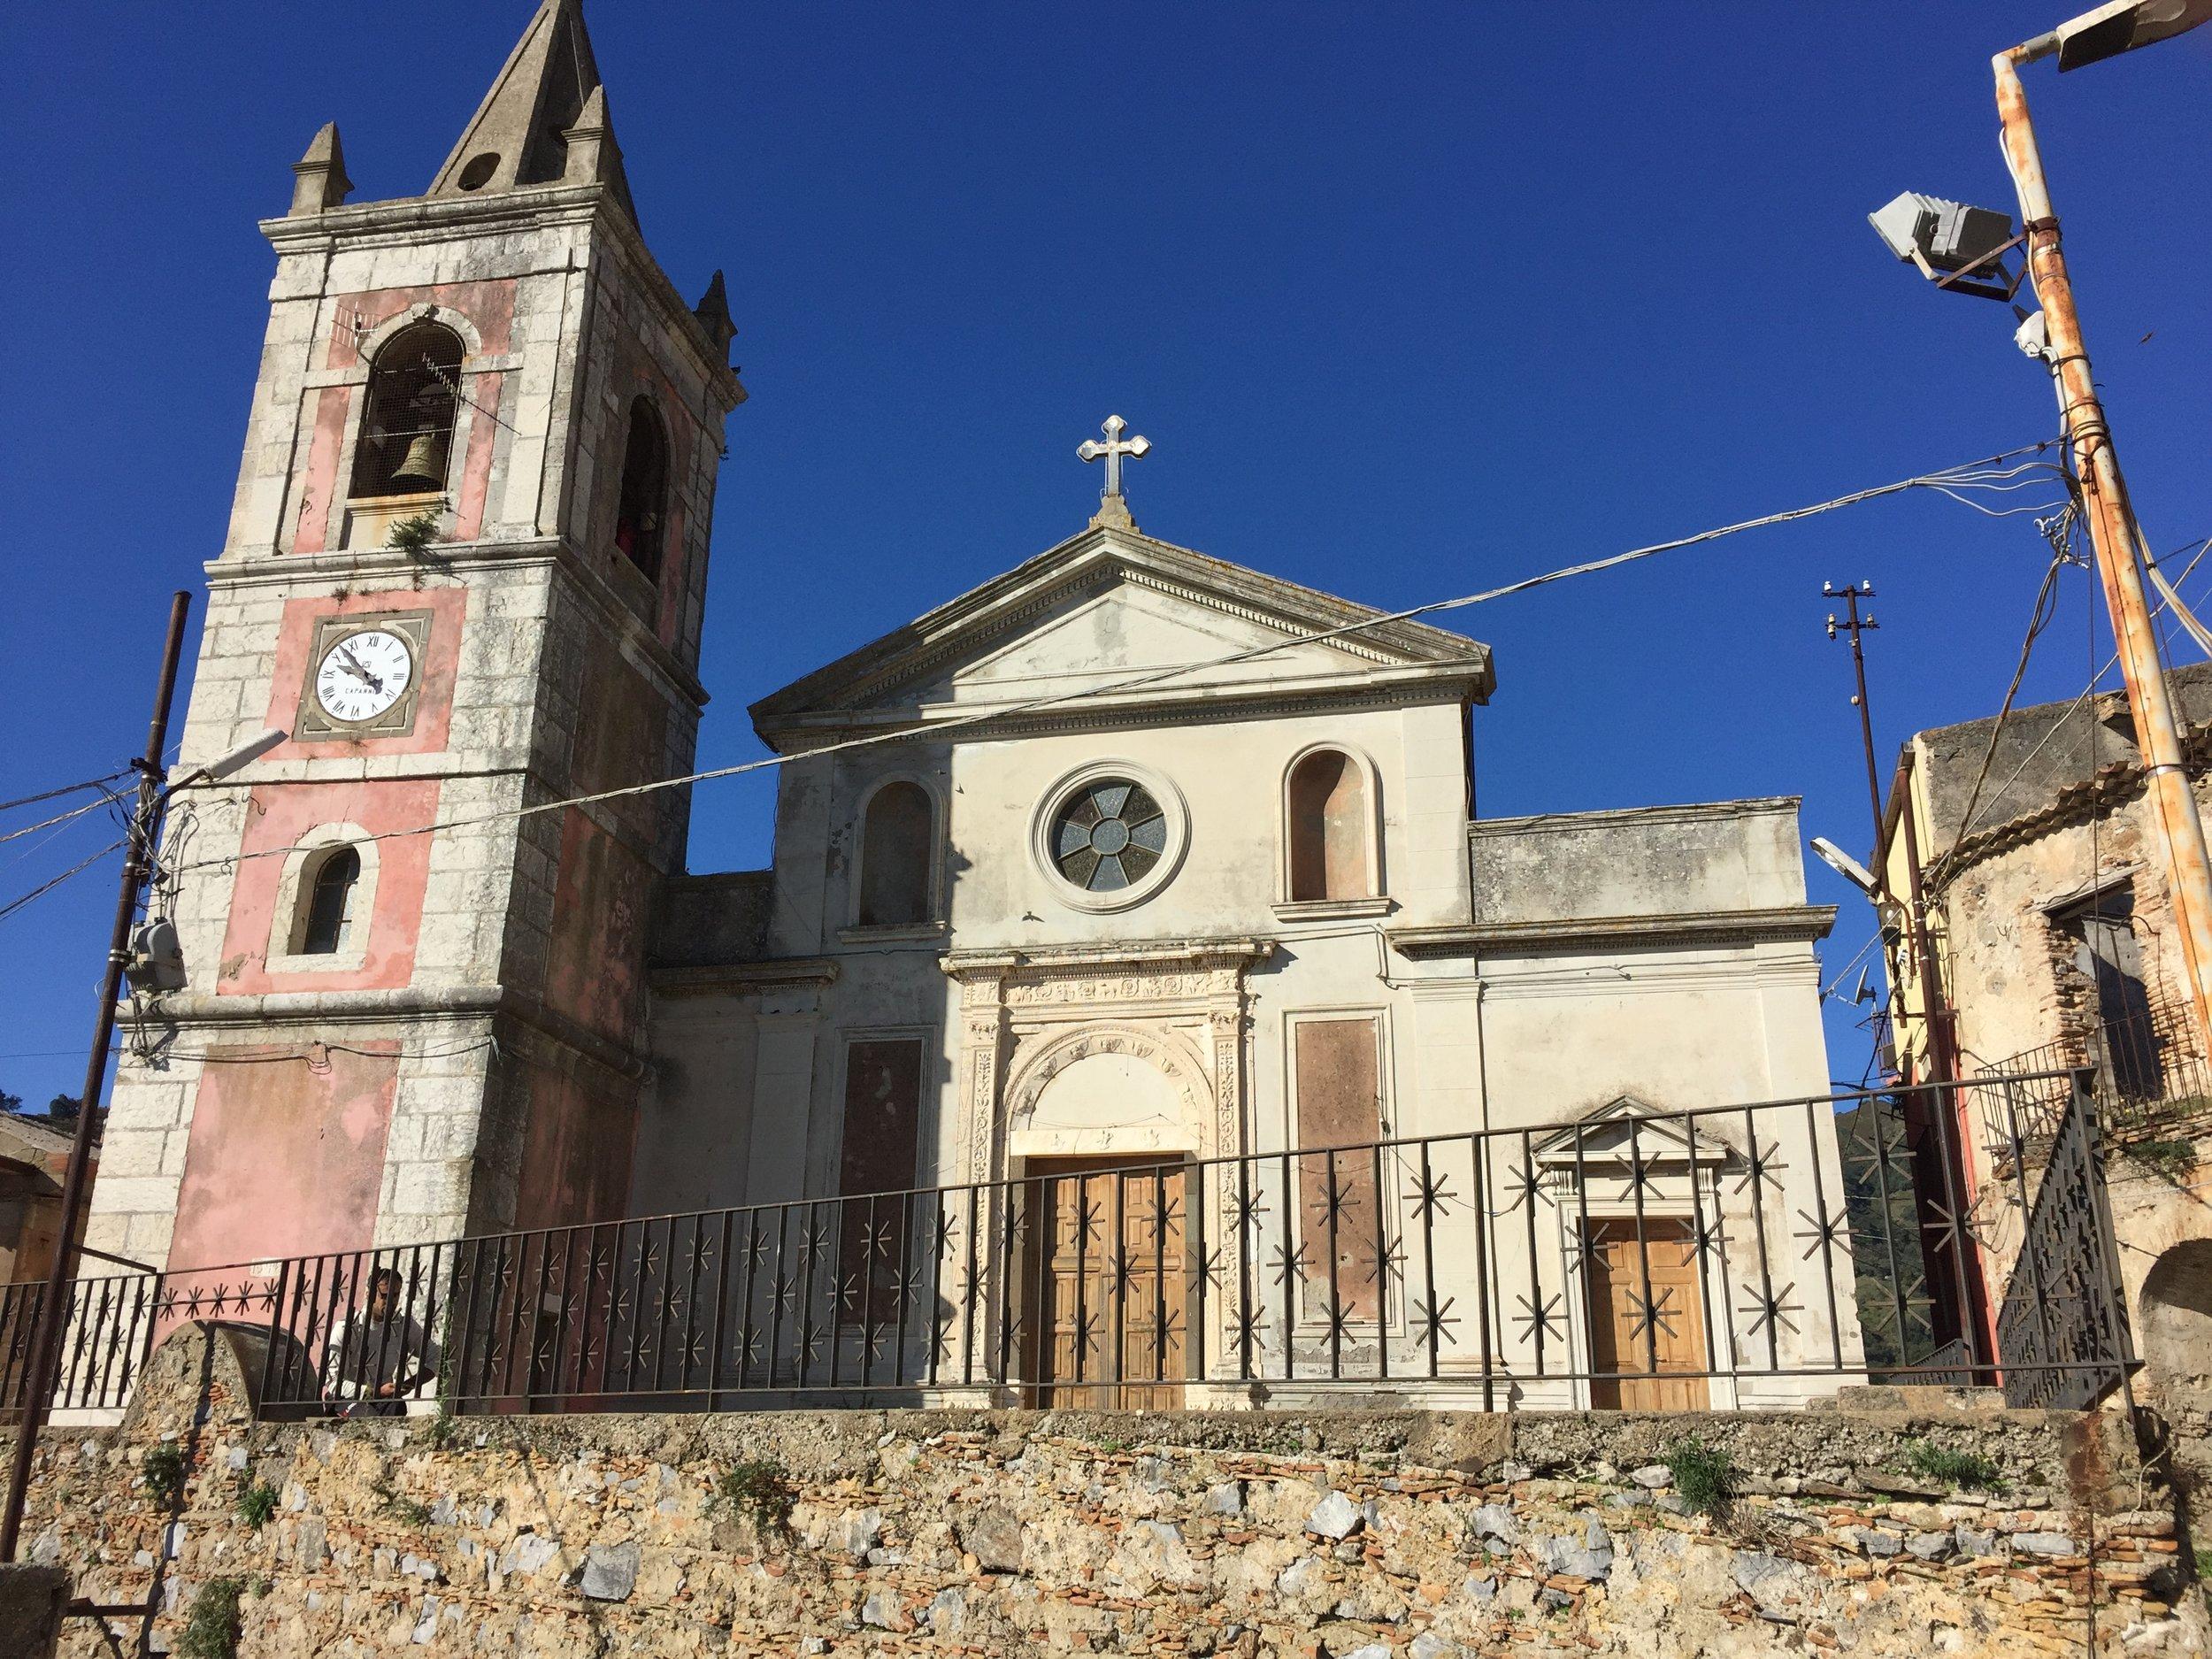 The church of San Nicolò di Bari in Pezzolo